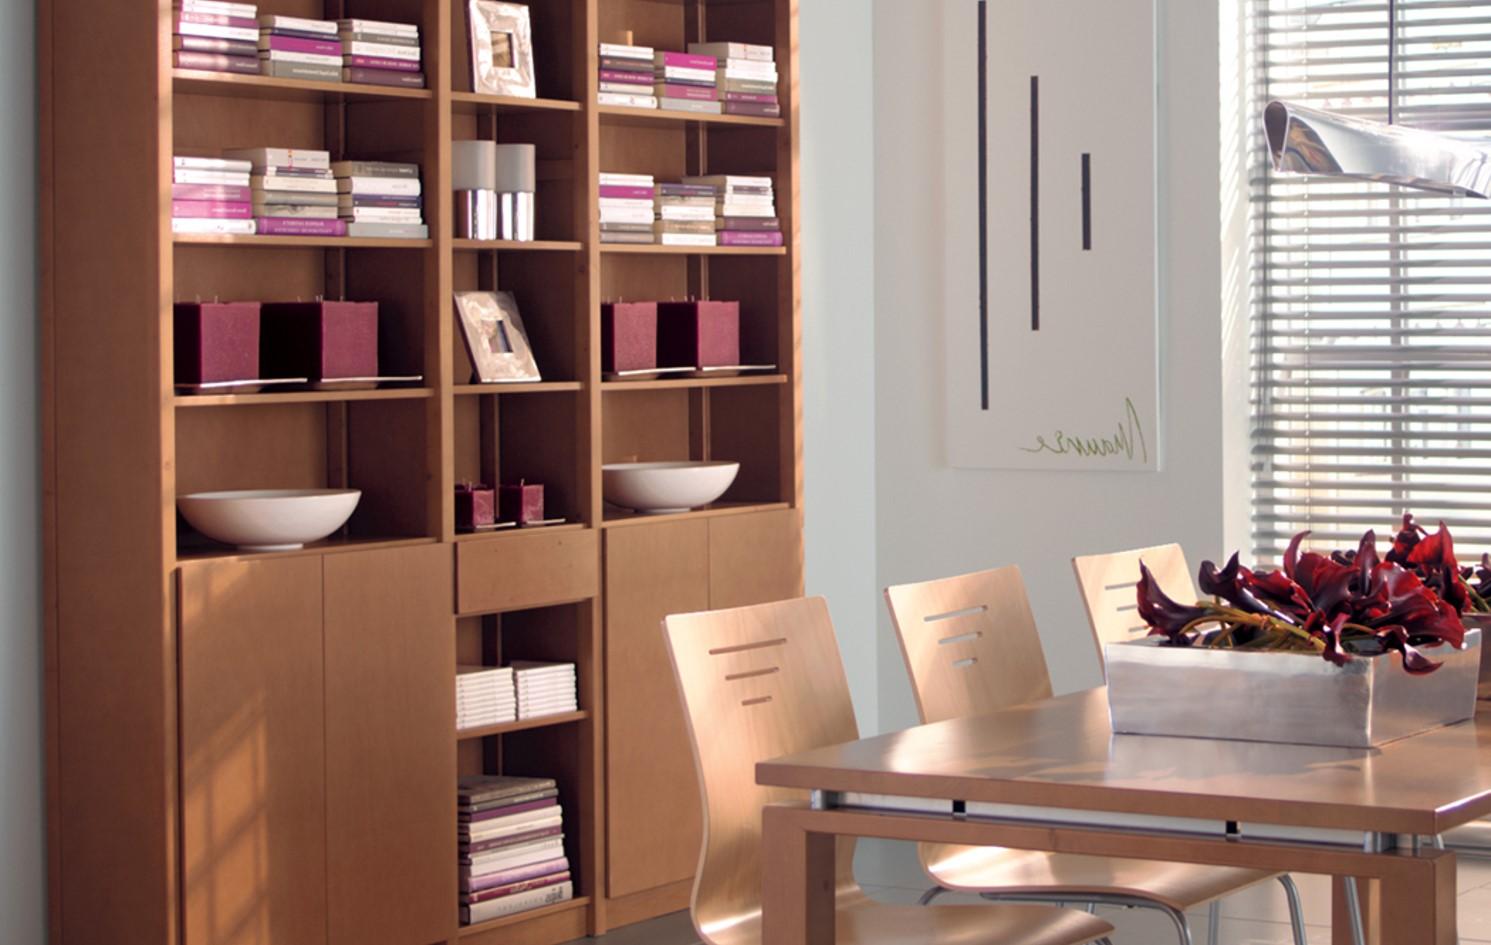 A quoi ressemble votre bibliothèque ?